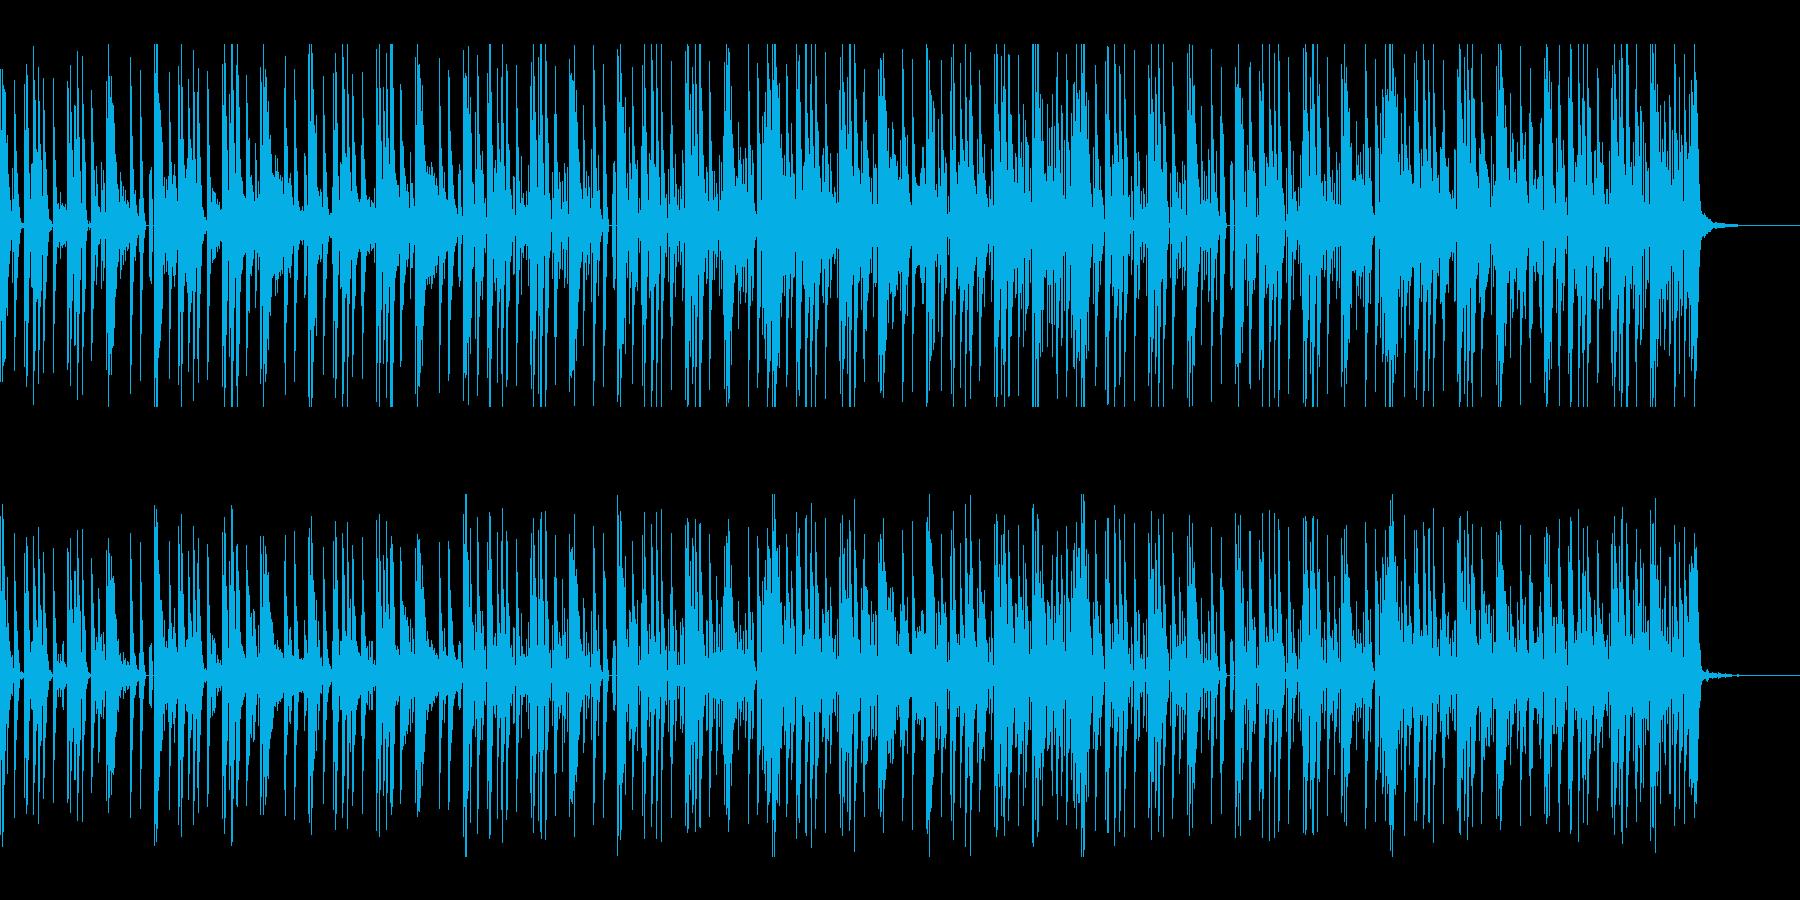 ギターがエスニックなエレクトロニカの再生済みの波形